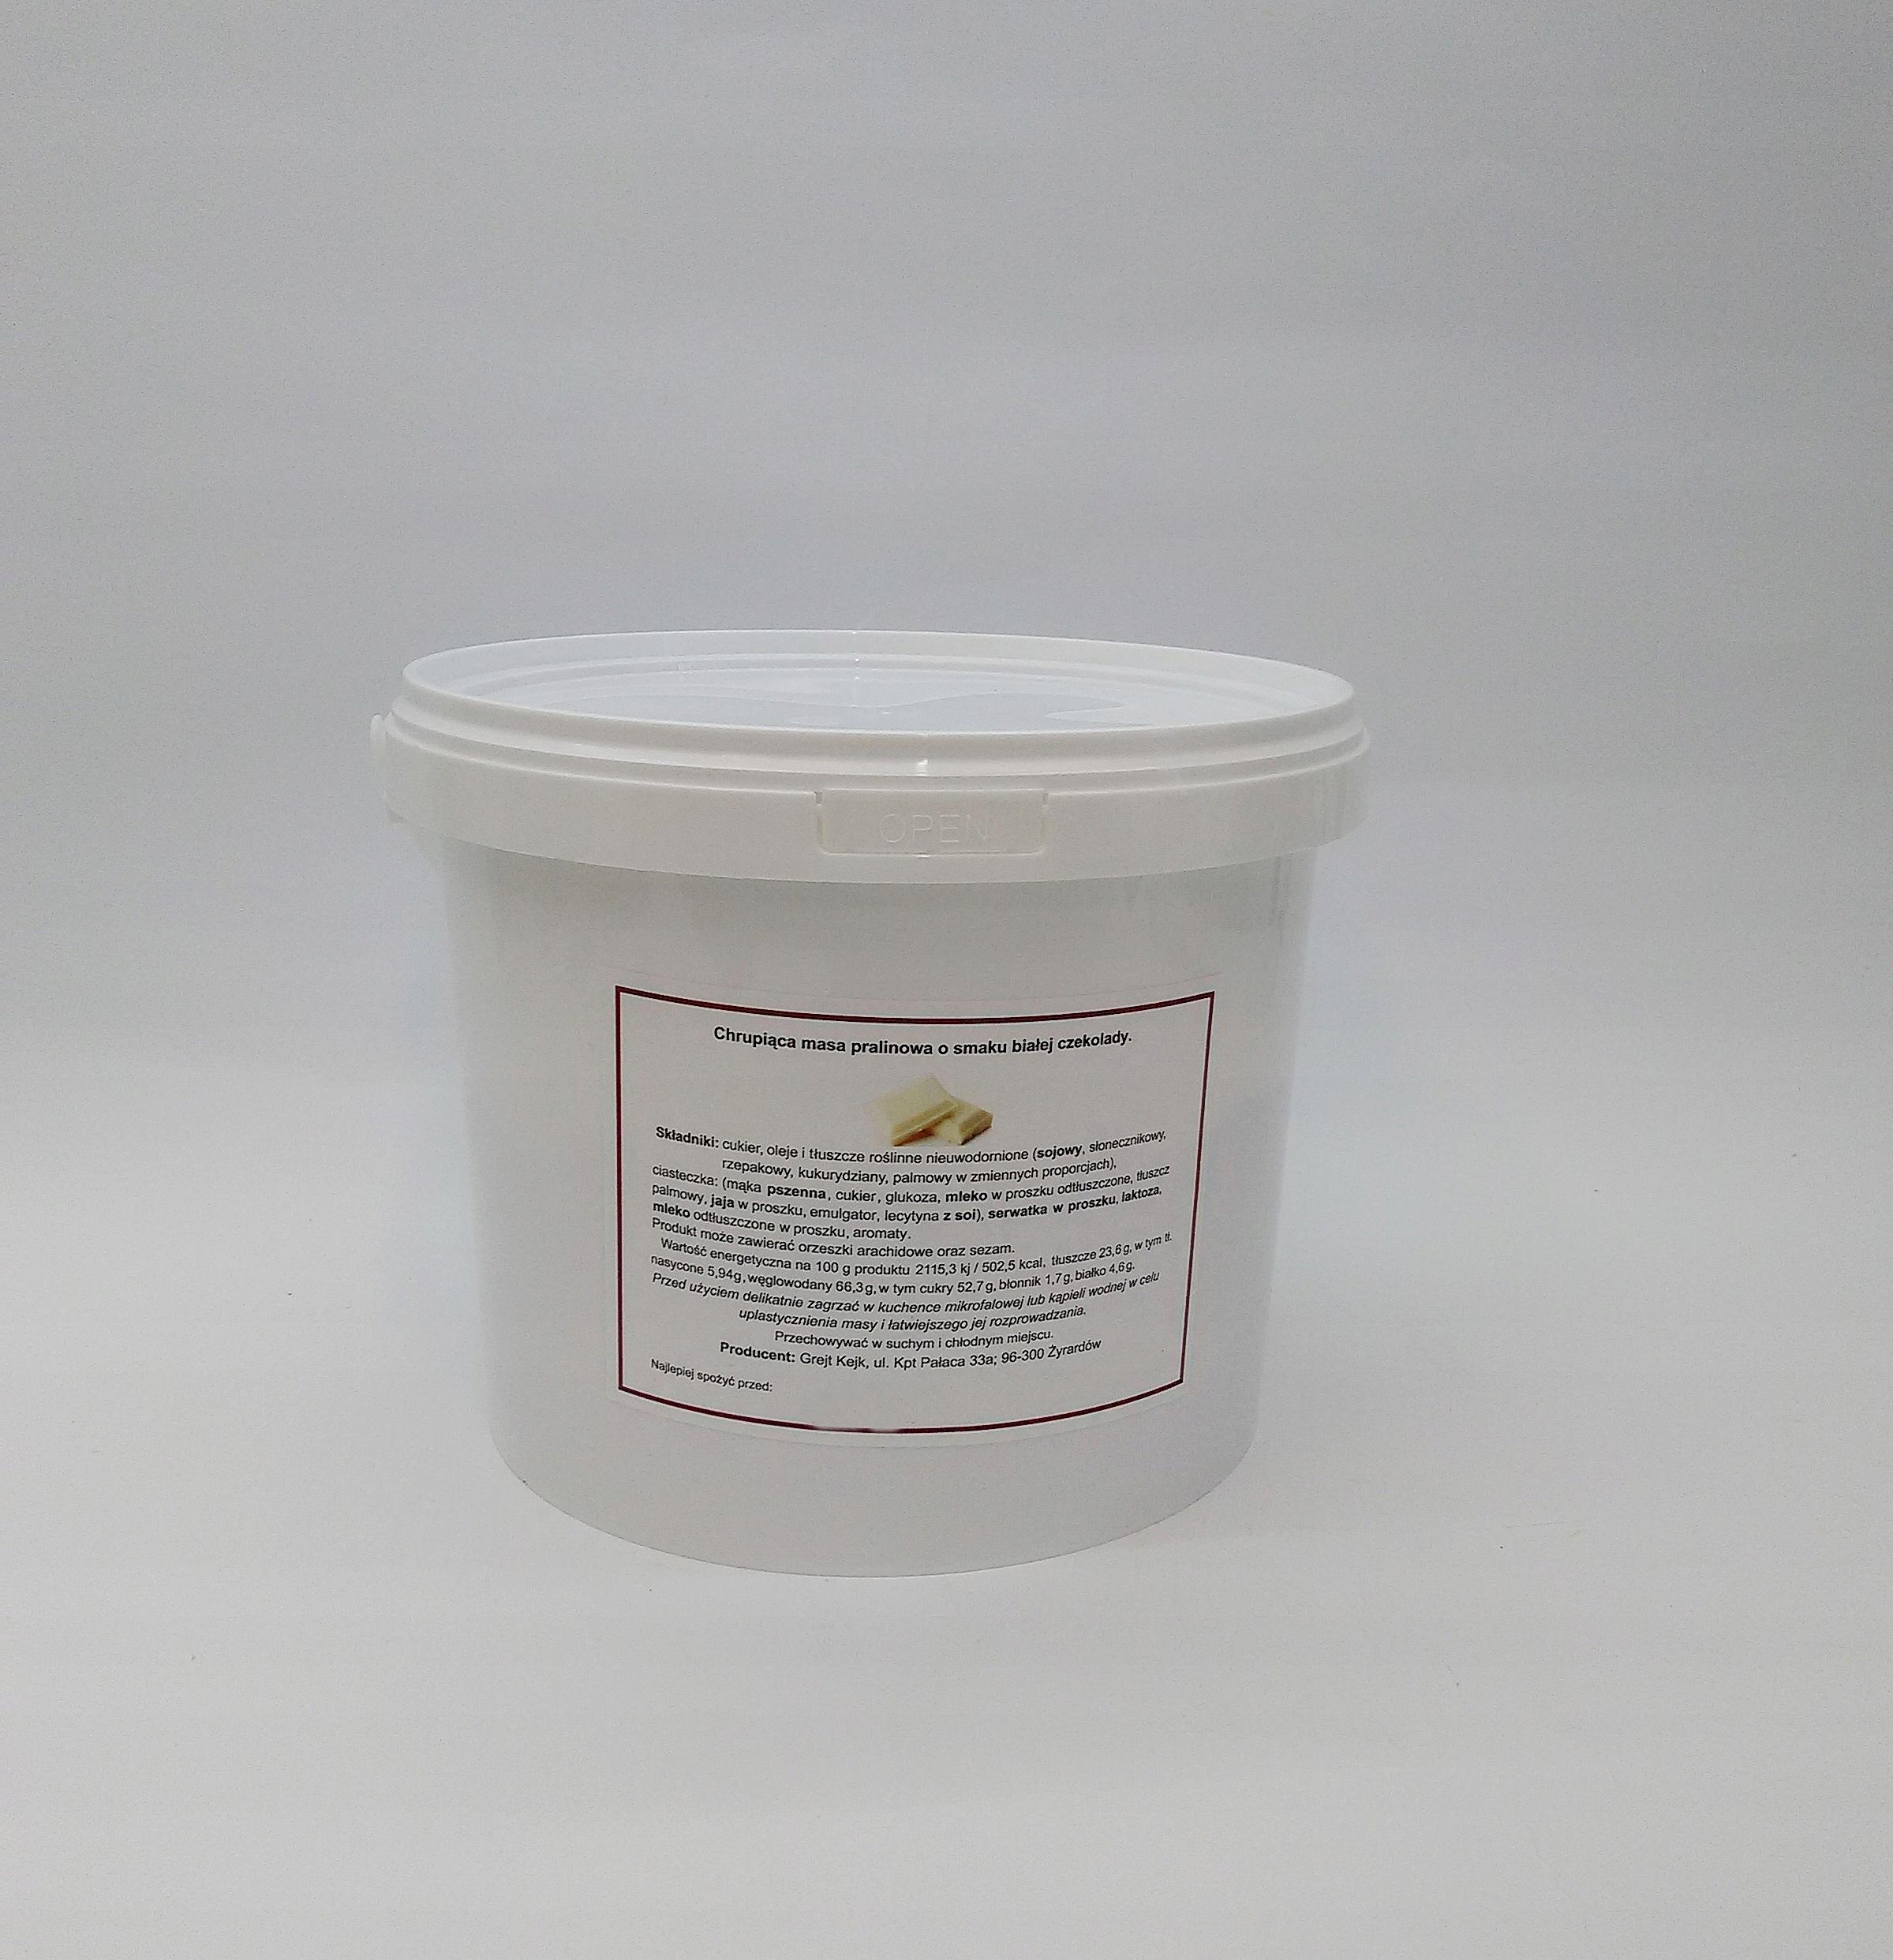 hmotnosť na tortu pralina 1,5 kg bielej čokolády